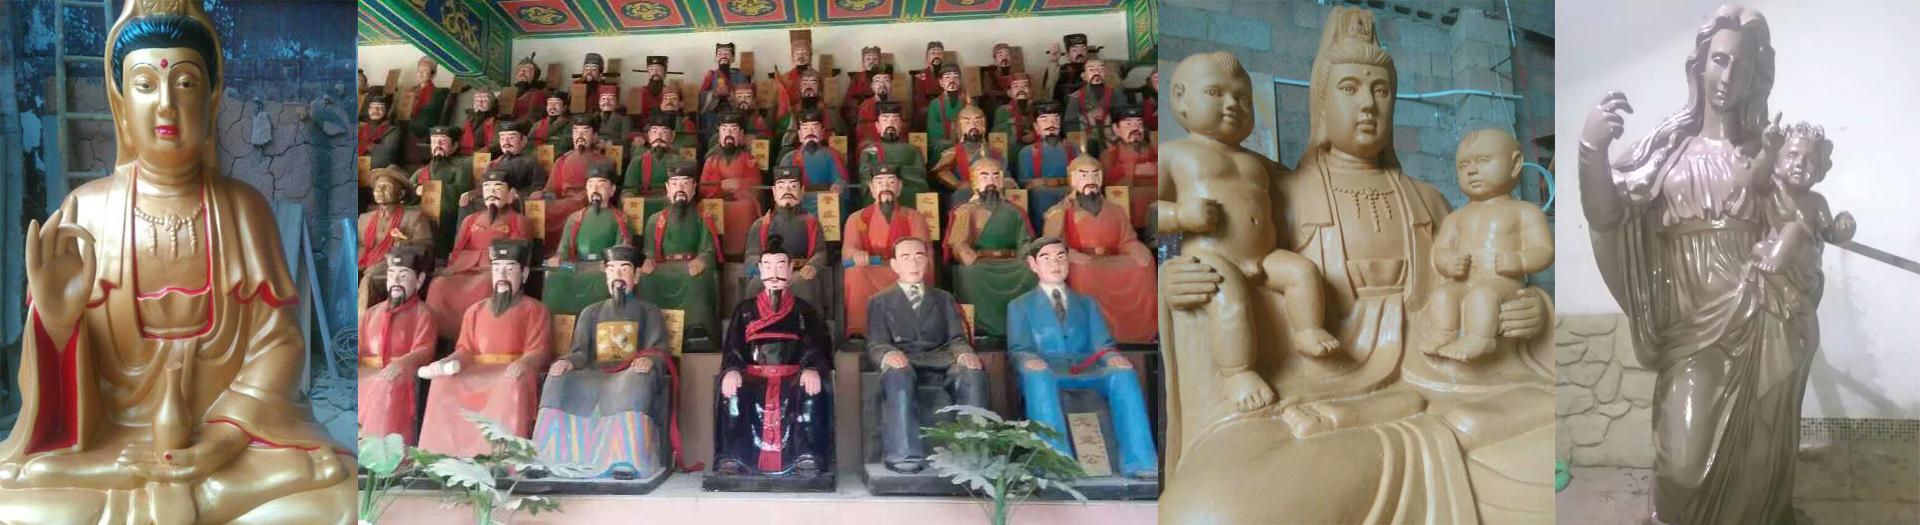 南宁人物雕塑,南宁名人雕塑,南宁宗教雕塑